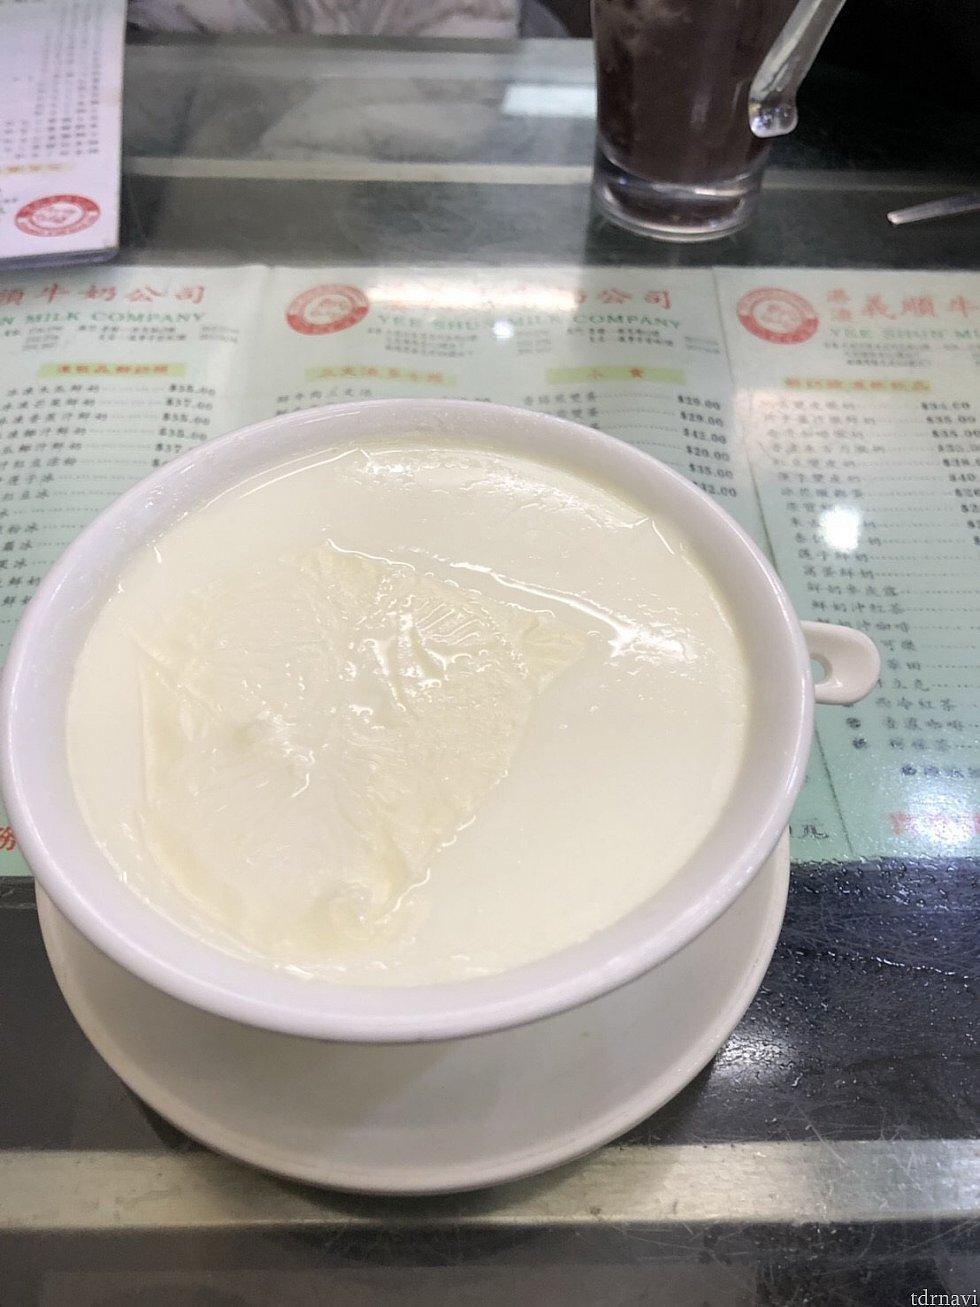 香港名物港澳義順牛奶公司の牛乳プリンも少し歩きますが徒歩圏内。